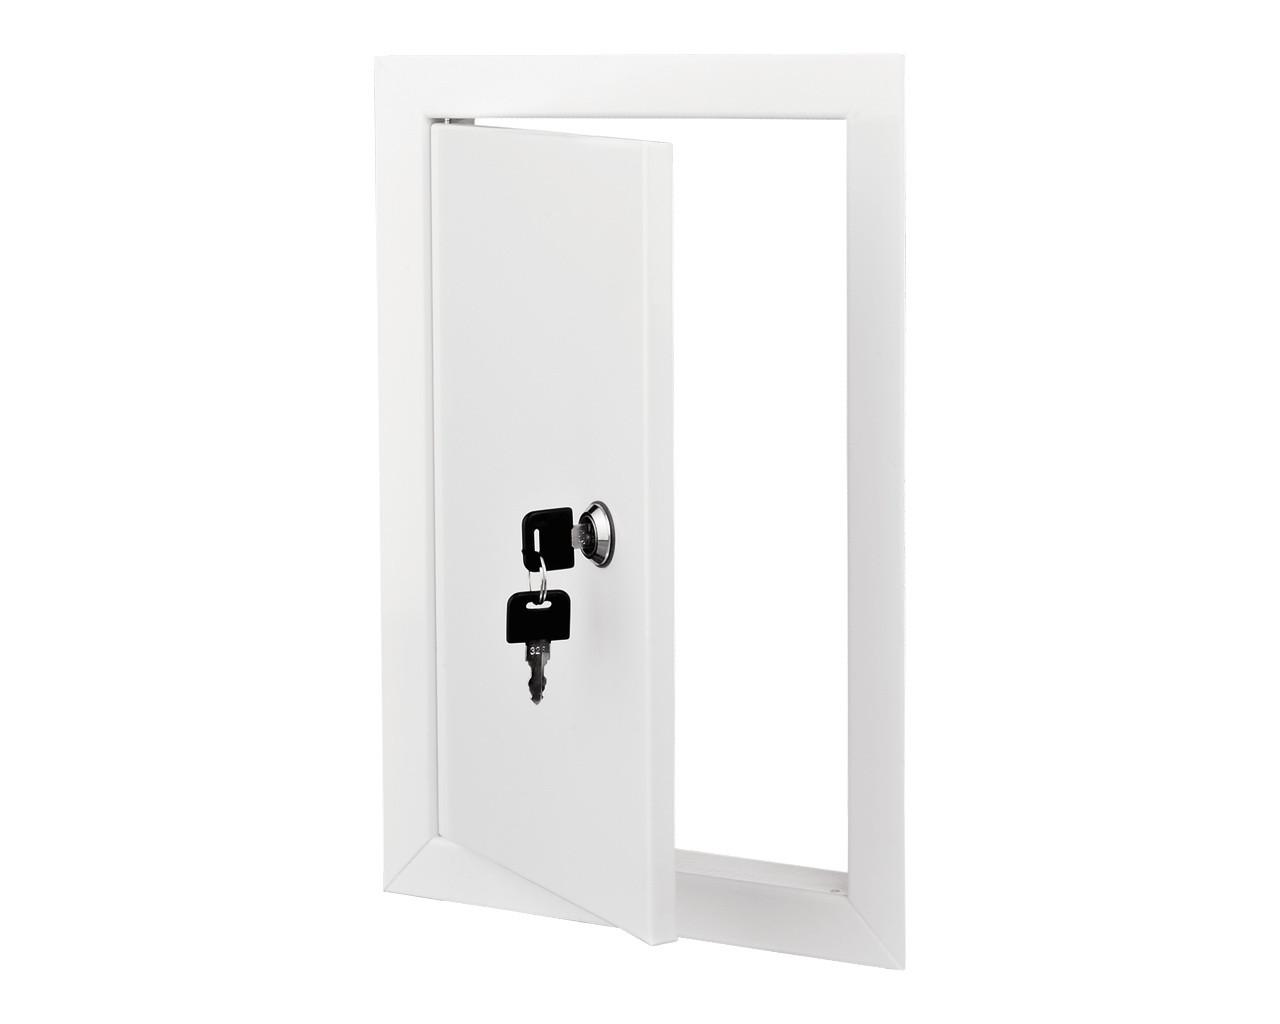 Дверца ревизионная металлическая 350/350 с замком